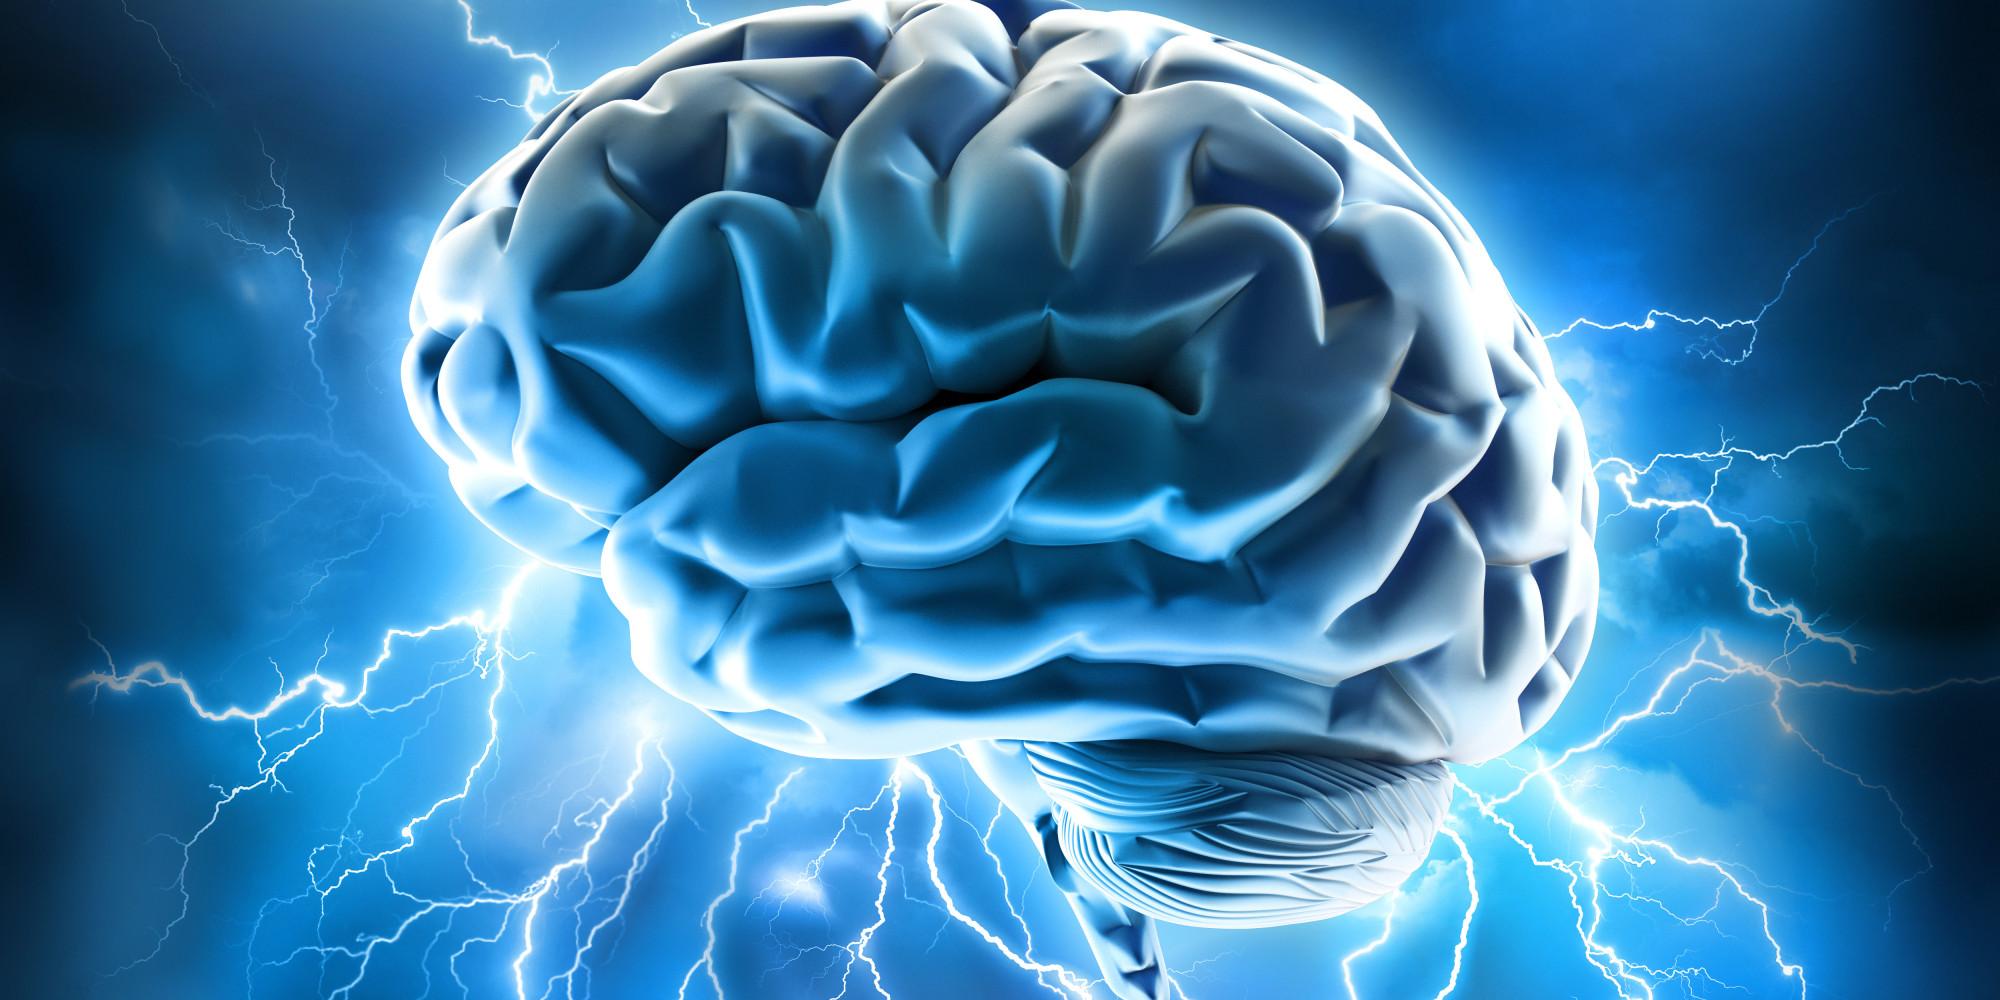 мозочен имплант подобрување меморија - brain implant memory boost